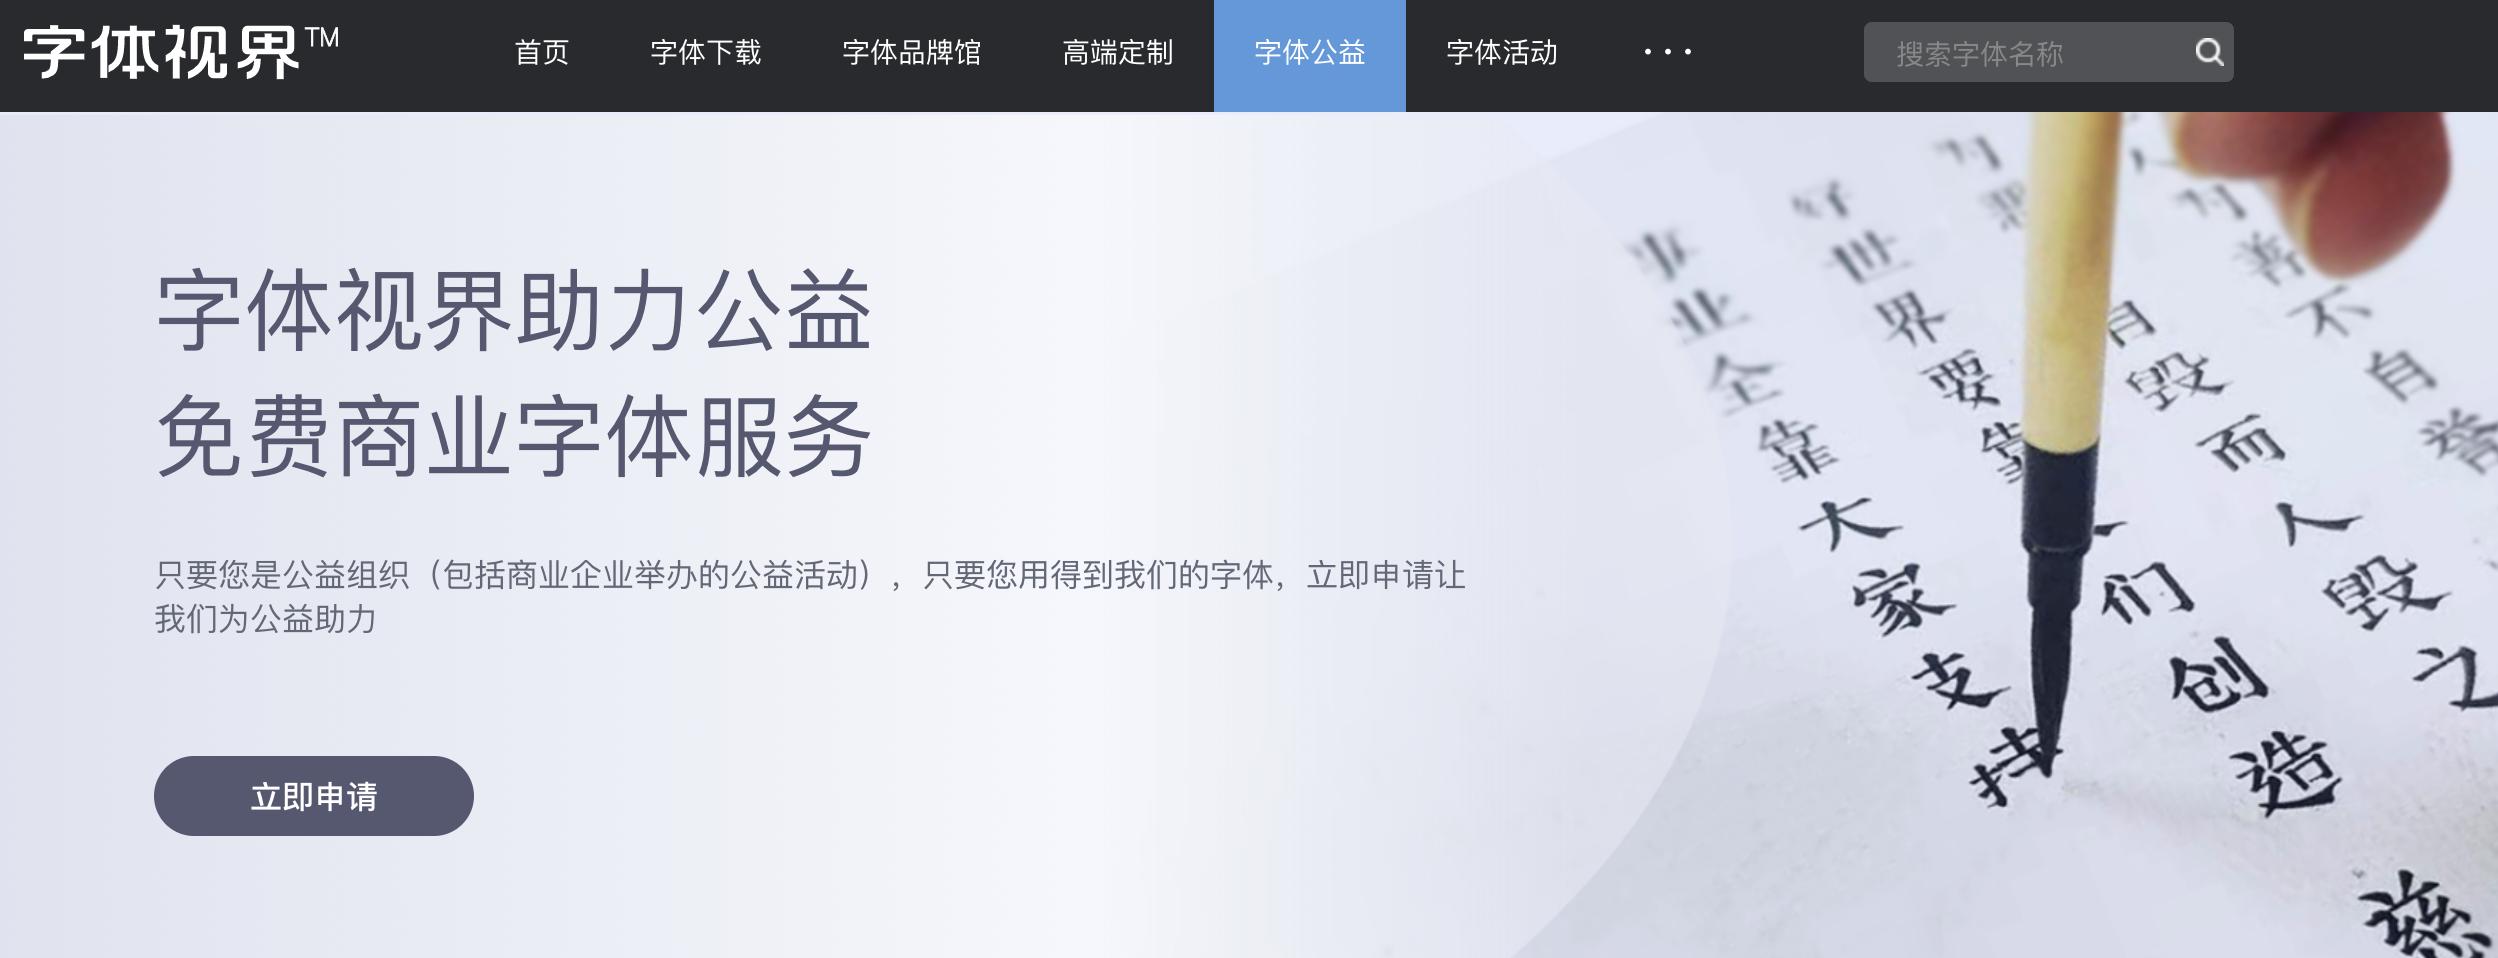 """转自新浪新闻:""""717字体节""""字体视界助力公益事业-字体公益计划"""